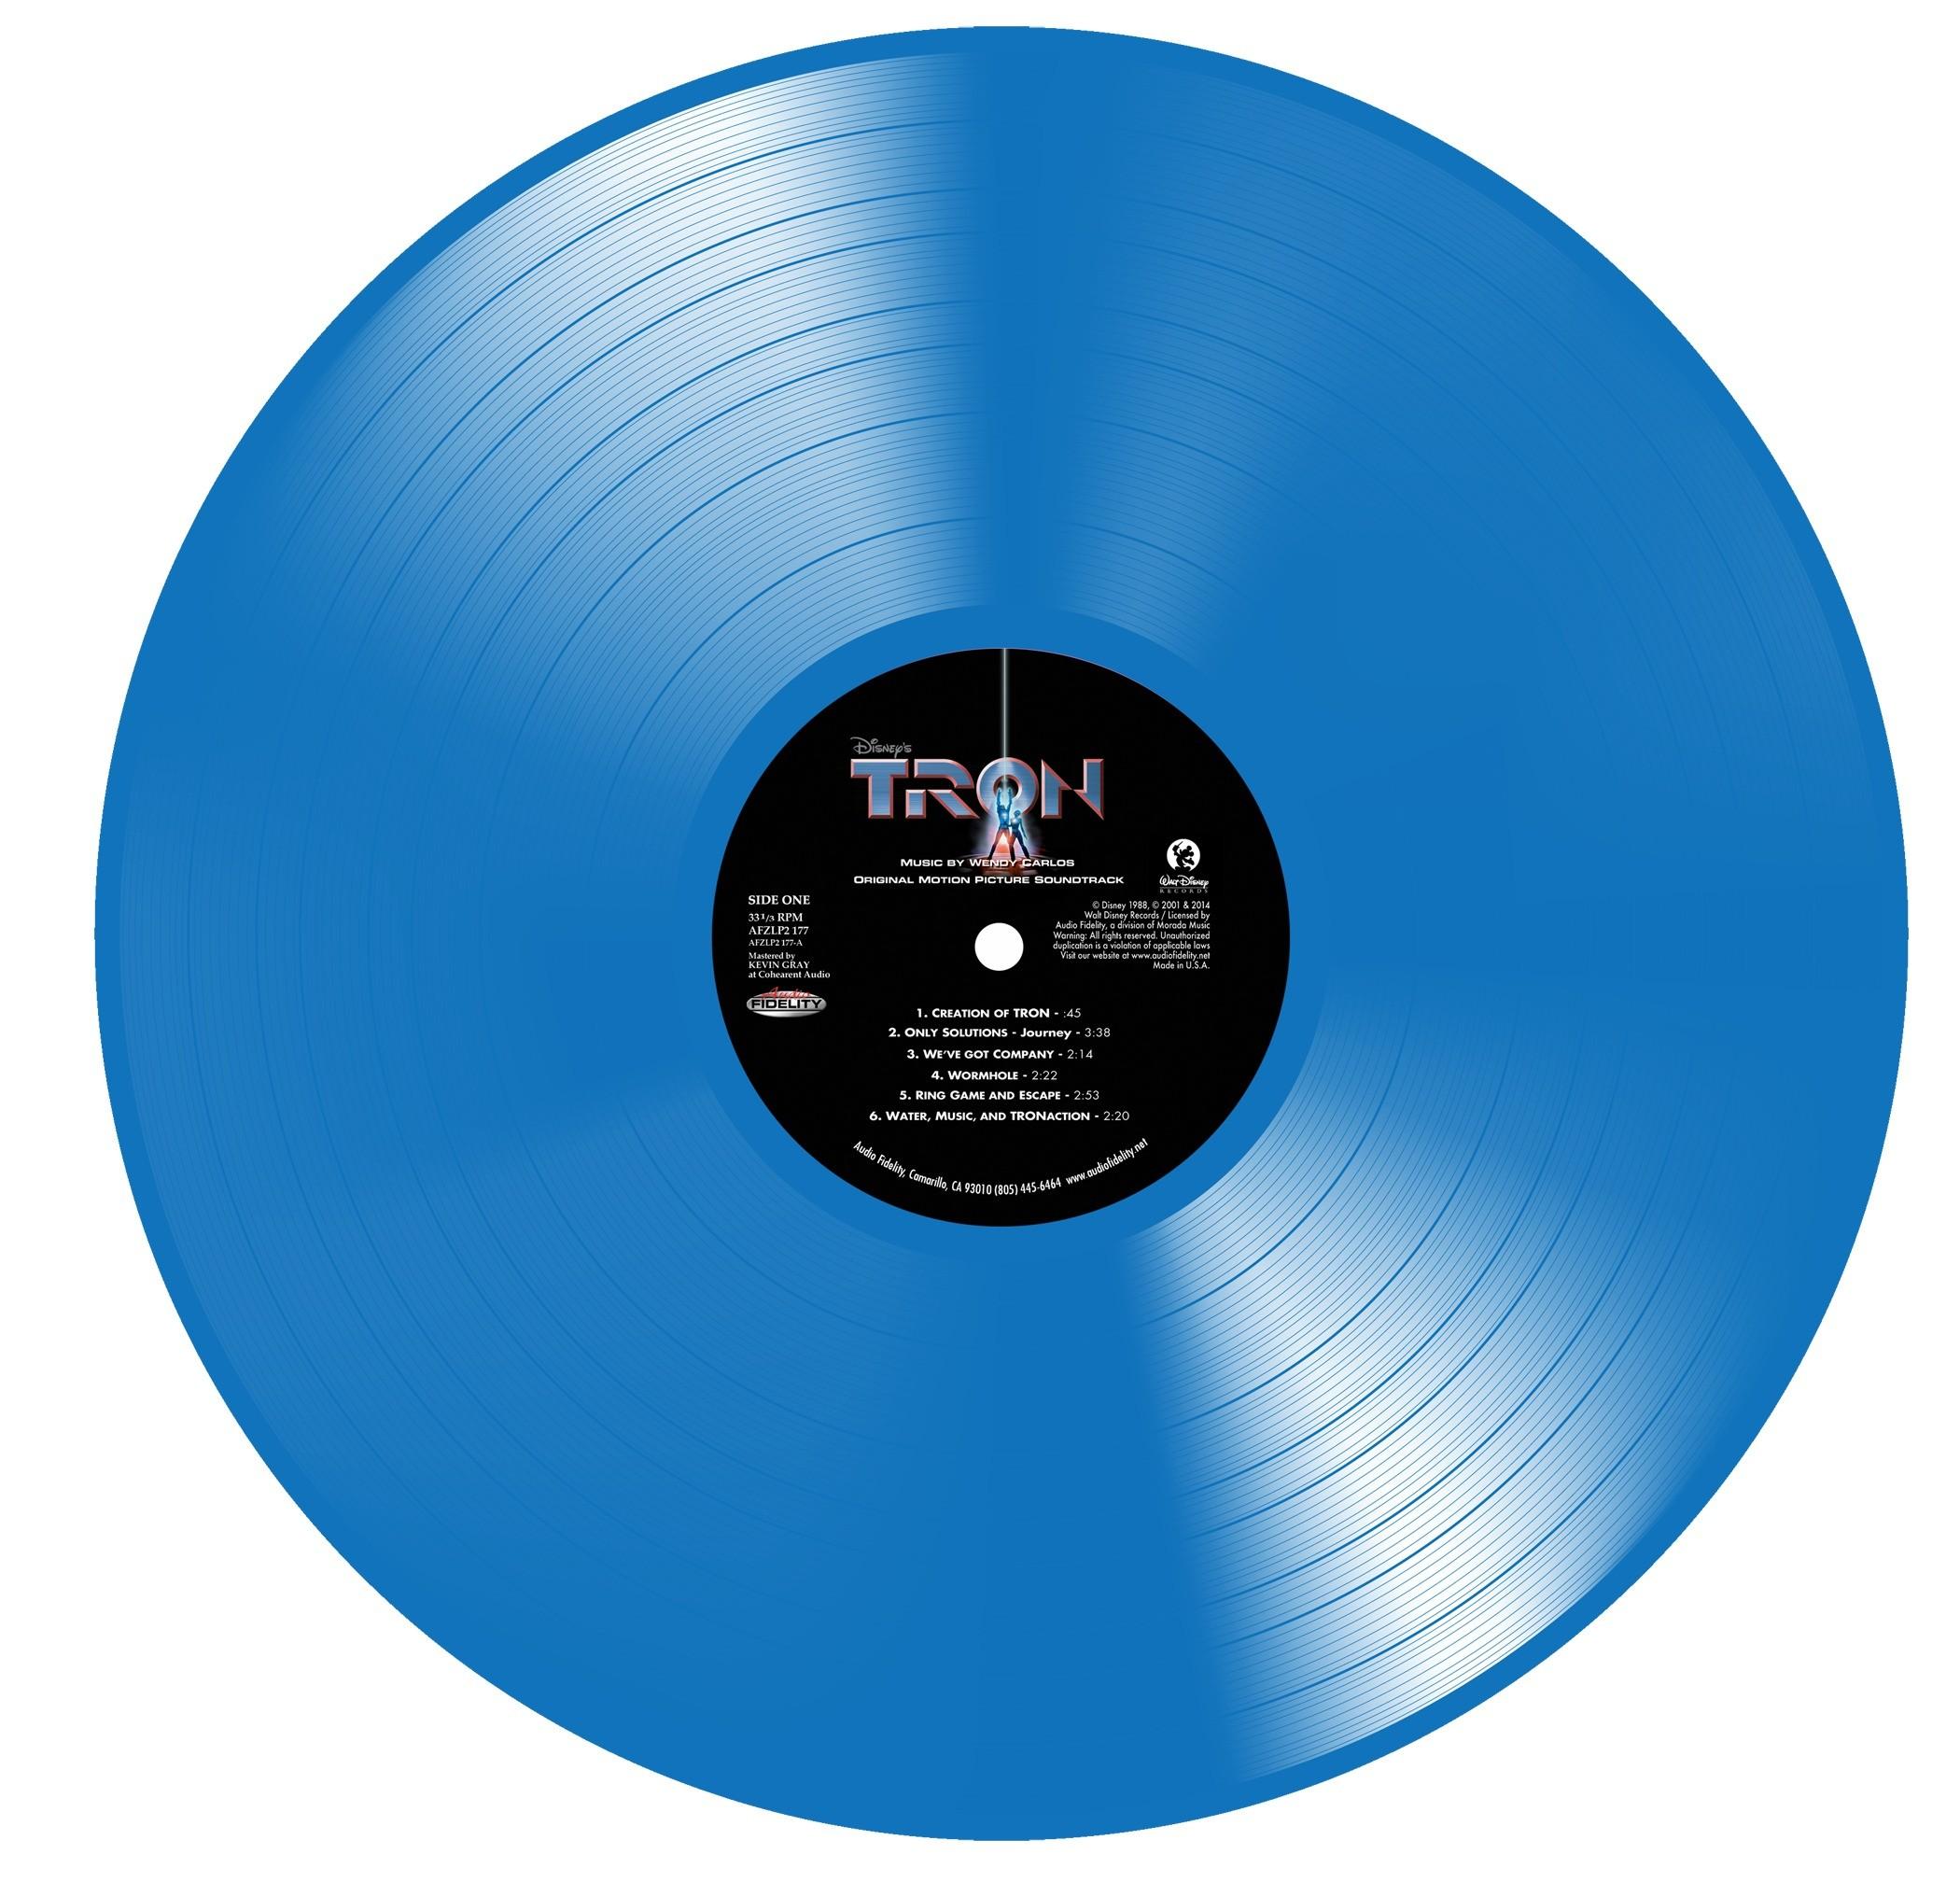 Amazon.com: Vinyl - Movie Soundtracks / Soundtracks: CDs ...